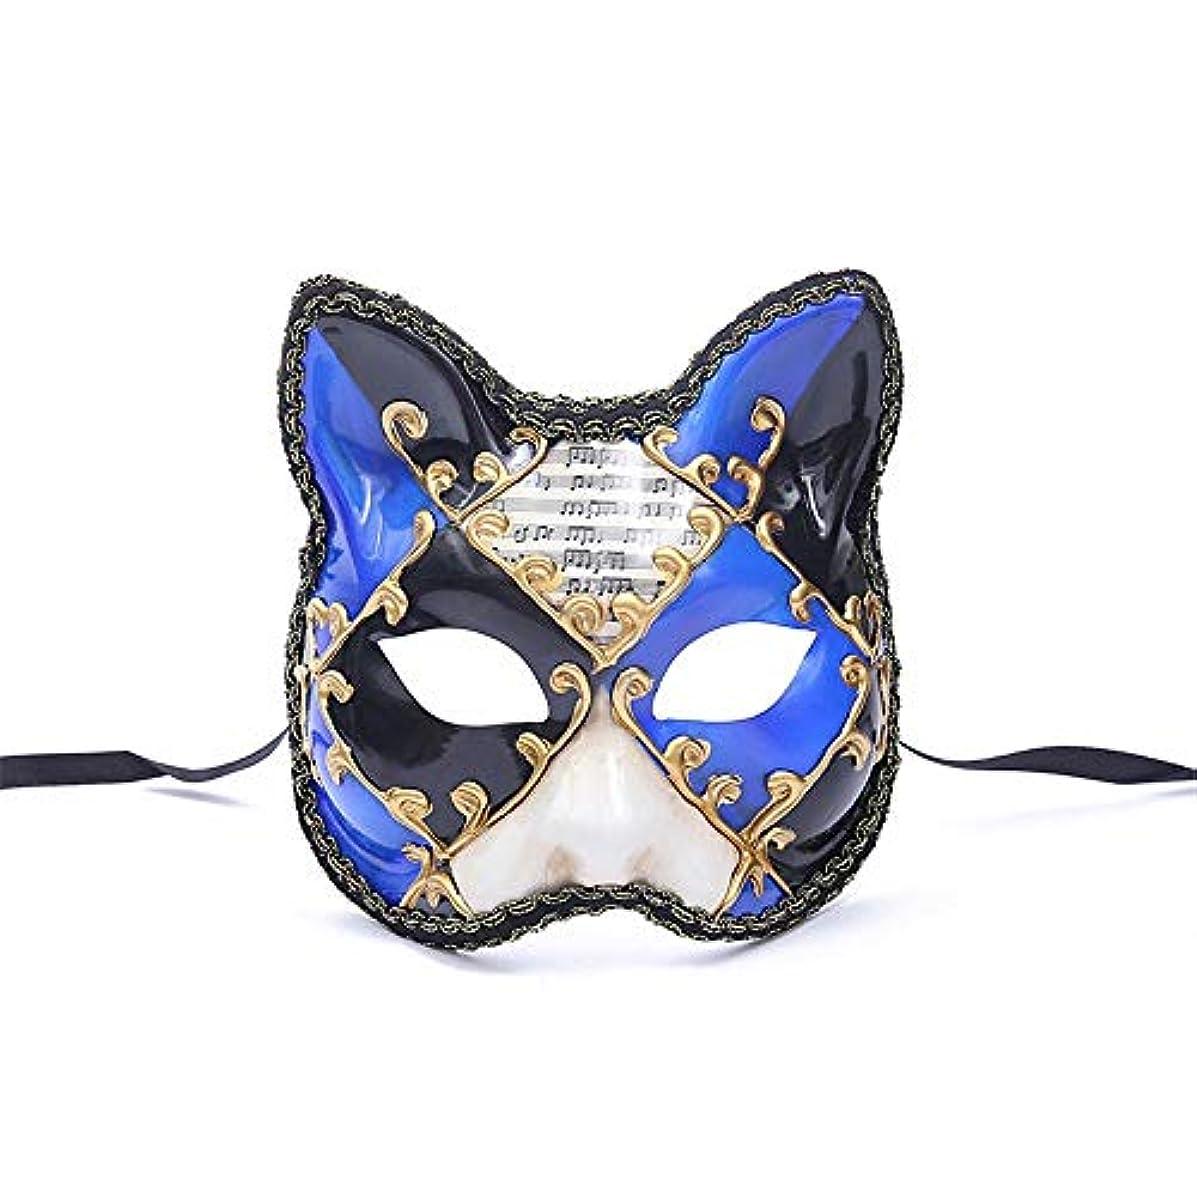 治療寄付アプローチダンスマスク 大きな猫アンティーク動物レトロコスプレハロウィーン仮装マスクナイトクラブマスク雰囲気フェスティバルマスク ホリデーパーティー用品 (色 : 青, サイズ : 17.5x16cm)